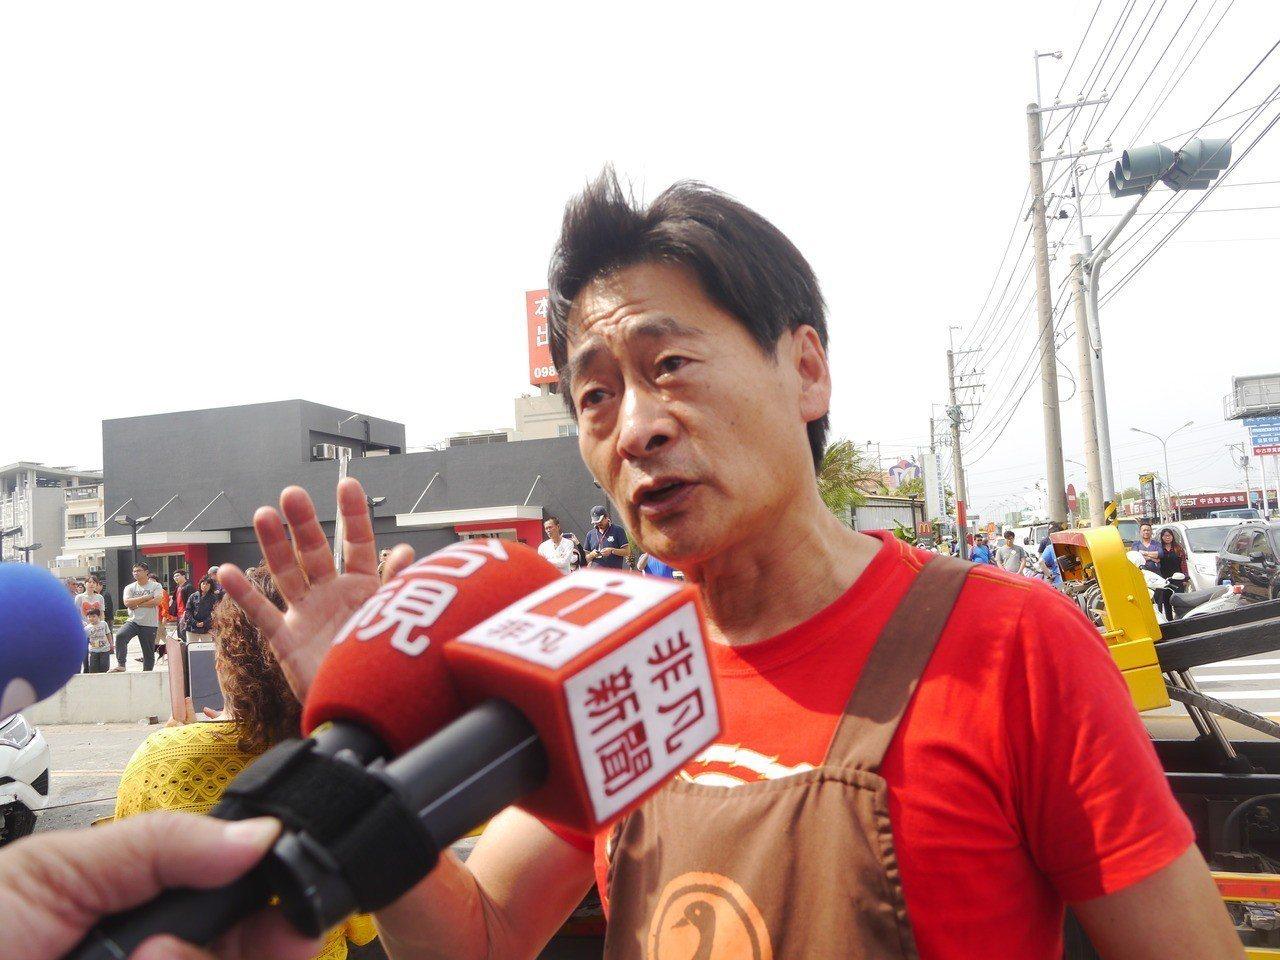 仁武烤鴨開店30年,老闆劉建昌平日熱心公益。記者徐白櫻/攝影